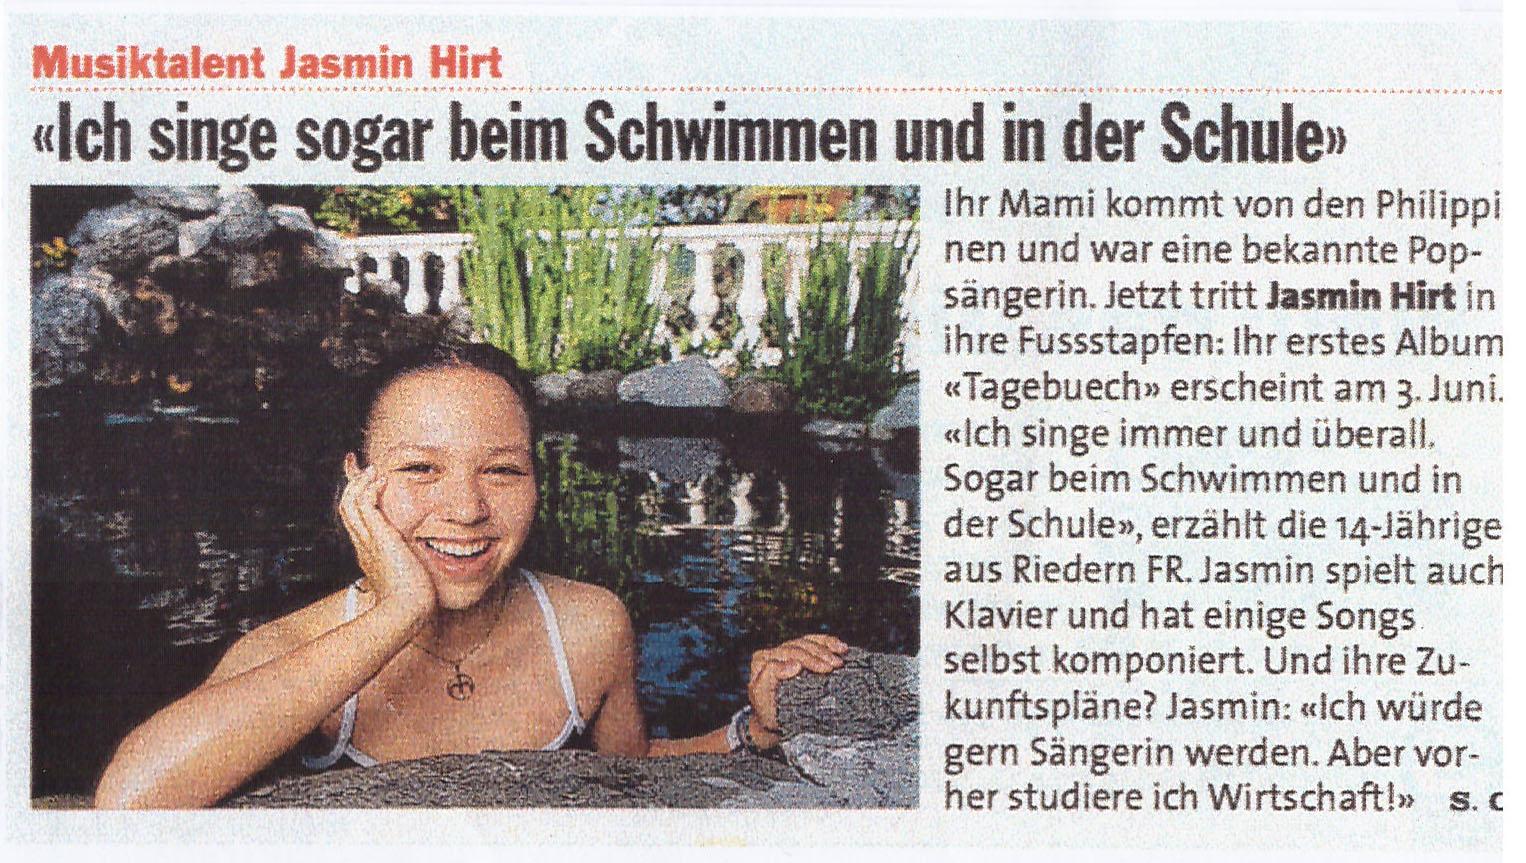 Schweizer Illustrierte Jasmin Hirt